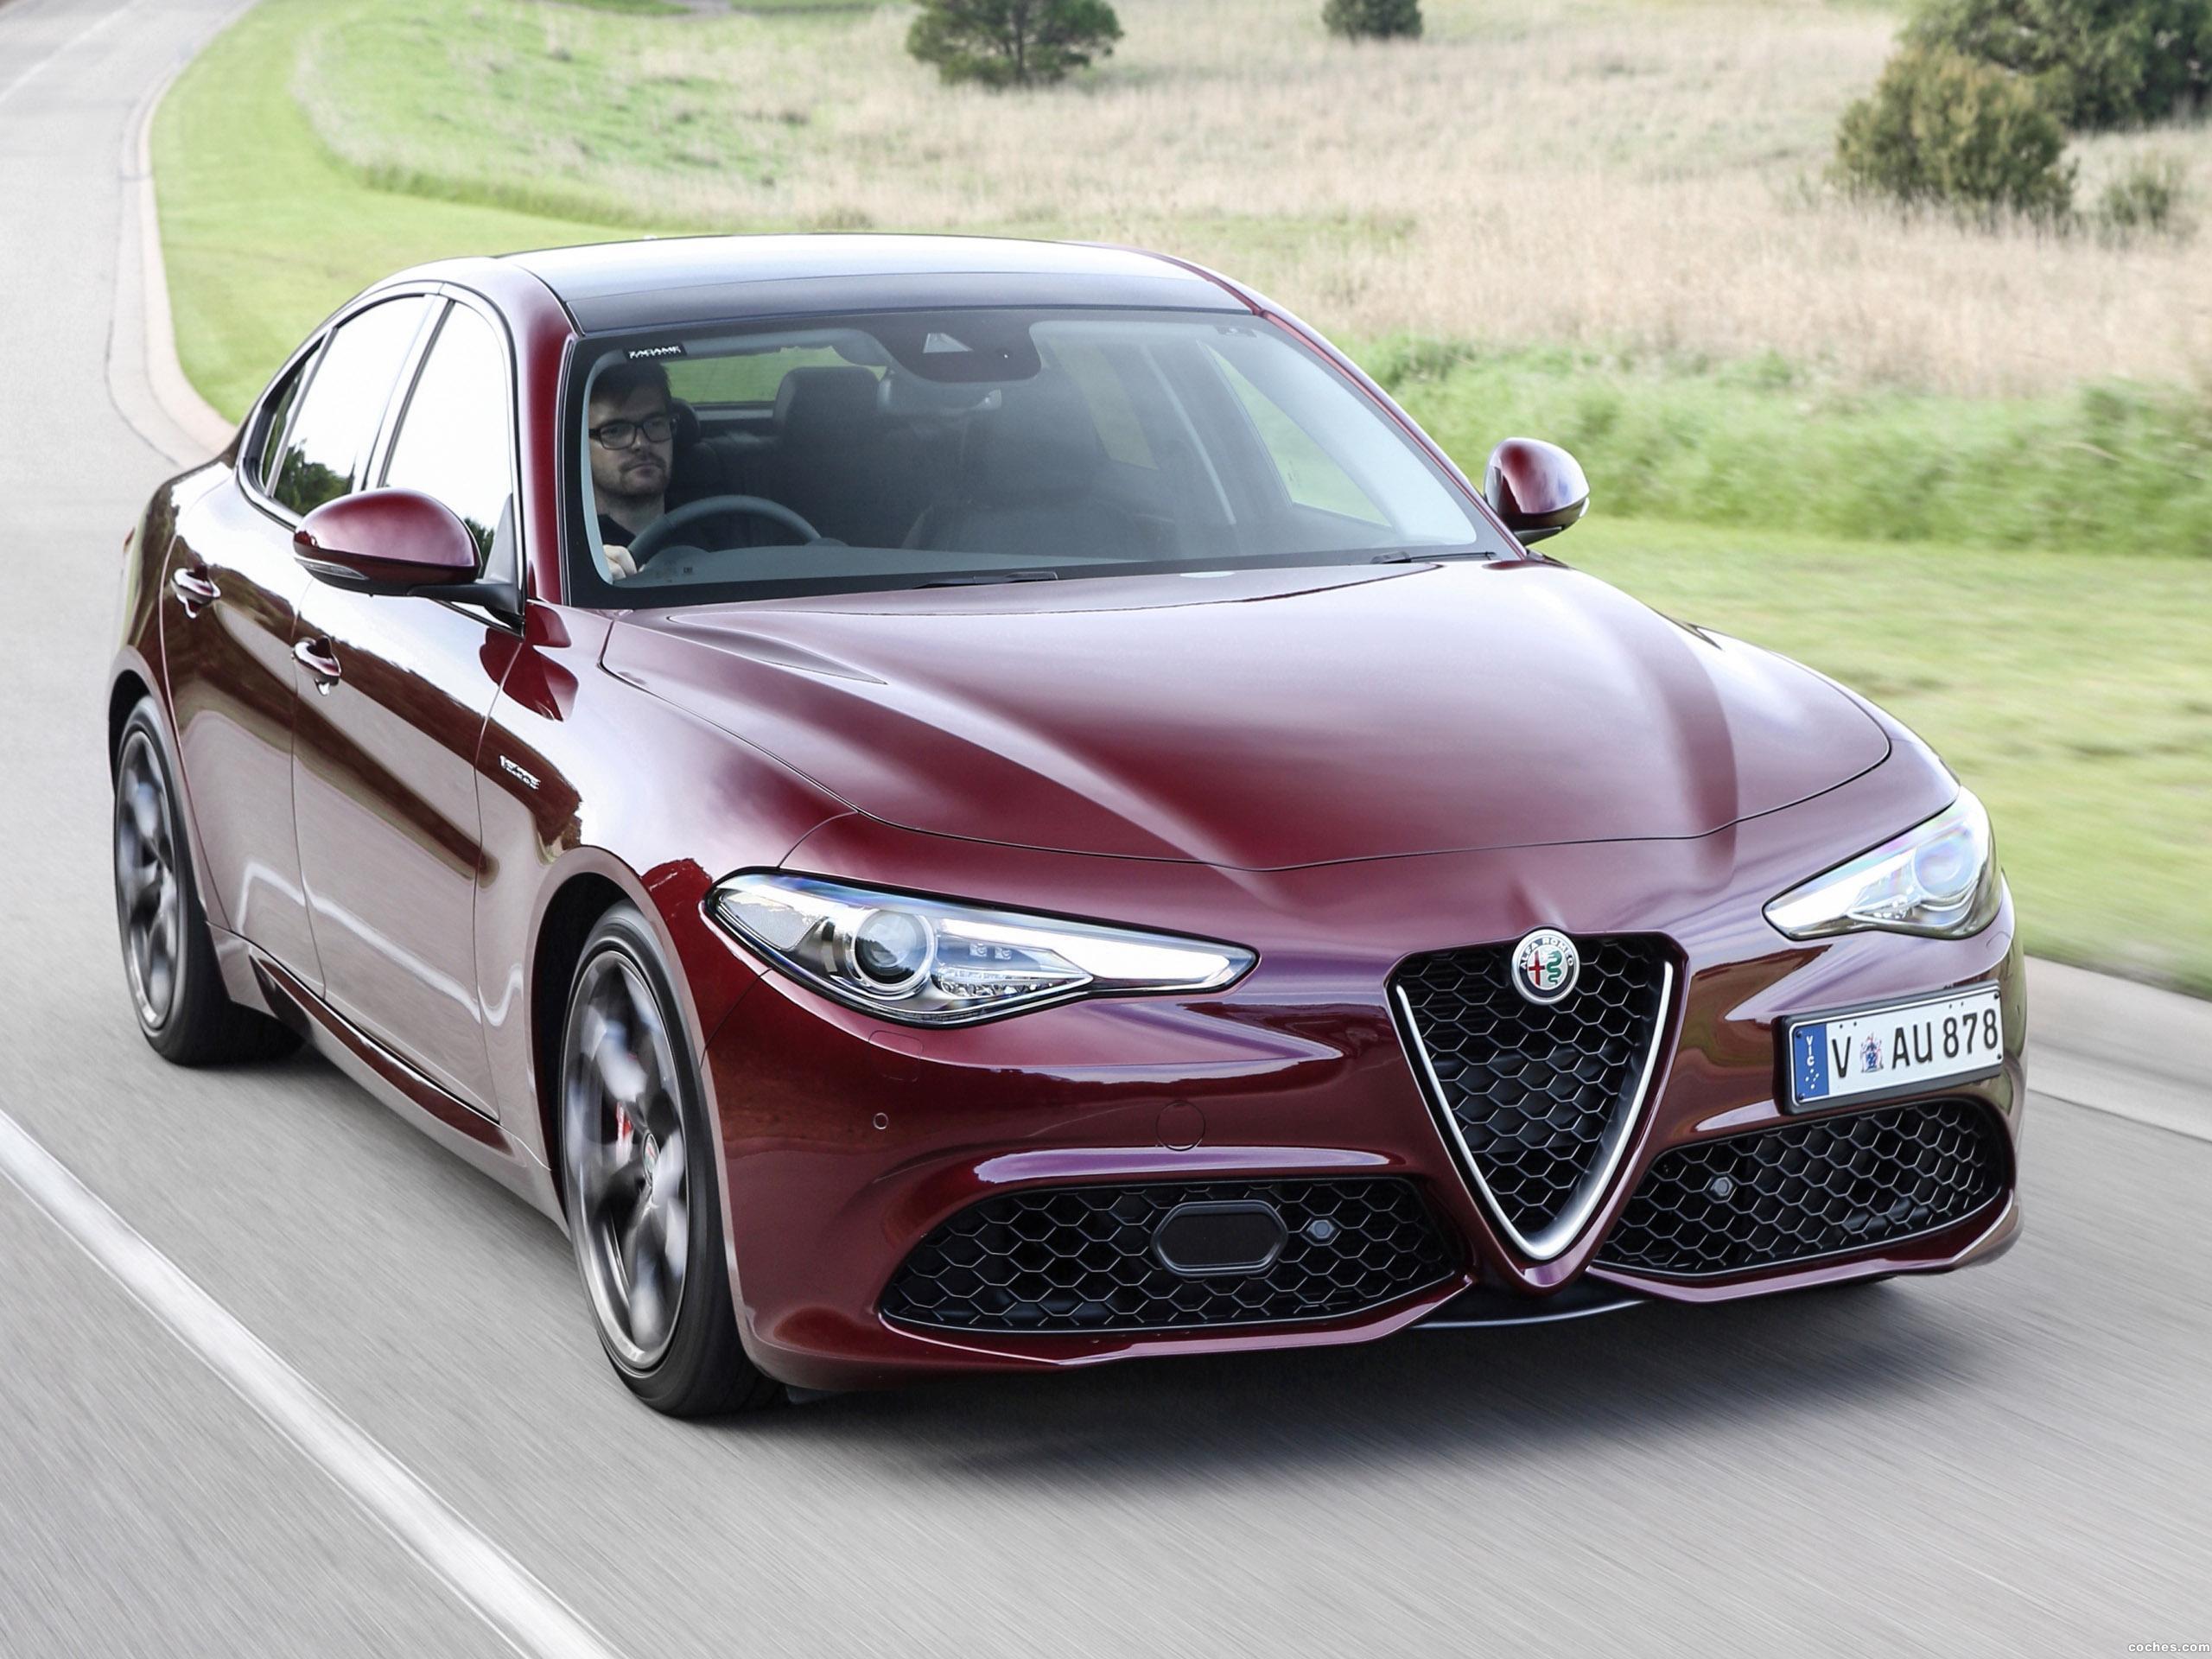 Foto 12 de Alfa Romeo Giulia Veloce Q2 Australia 2017